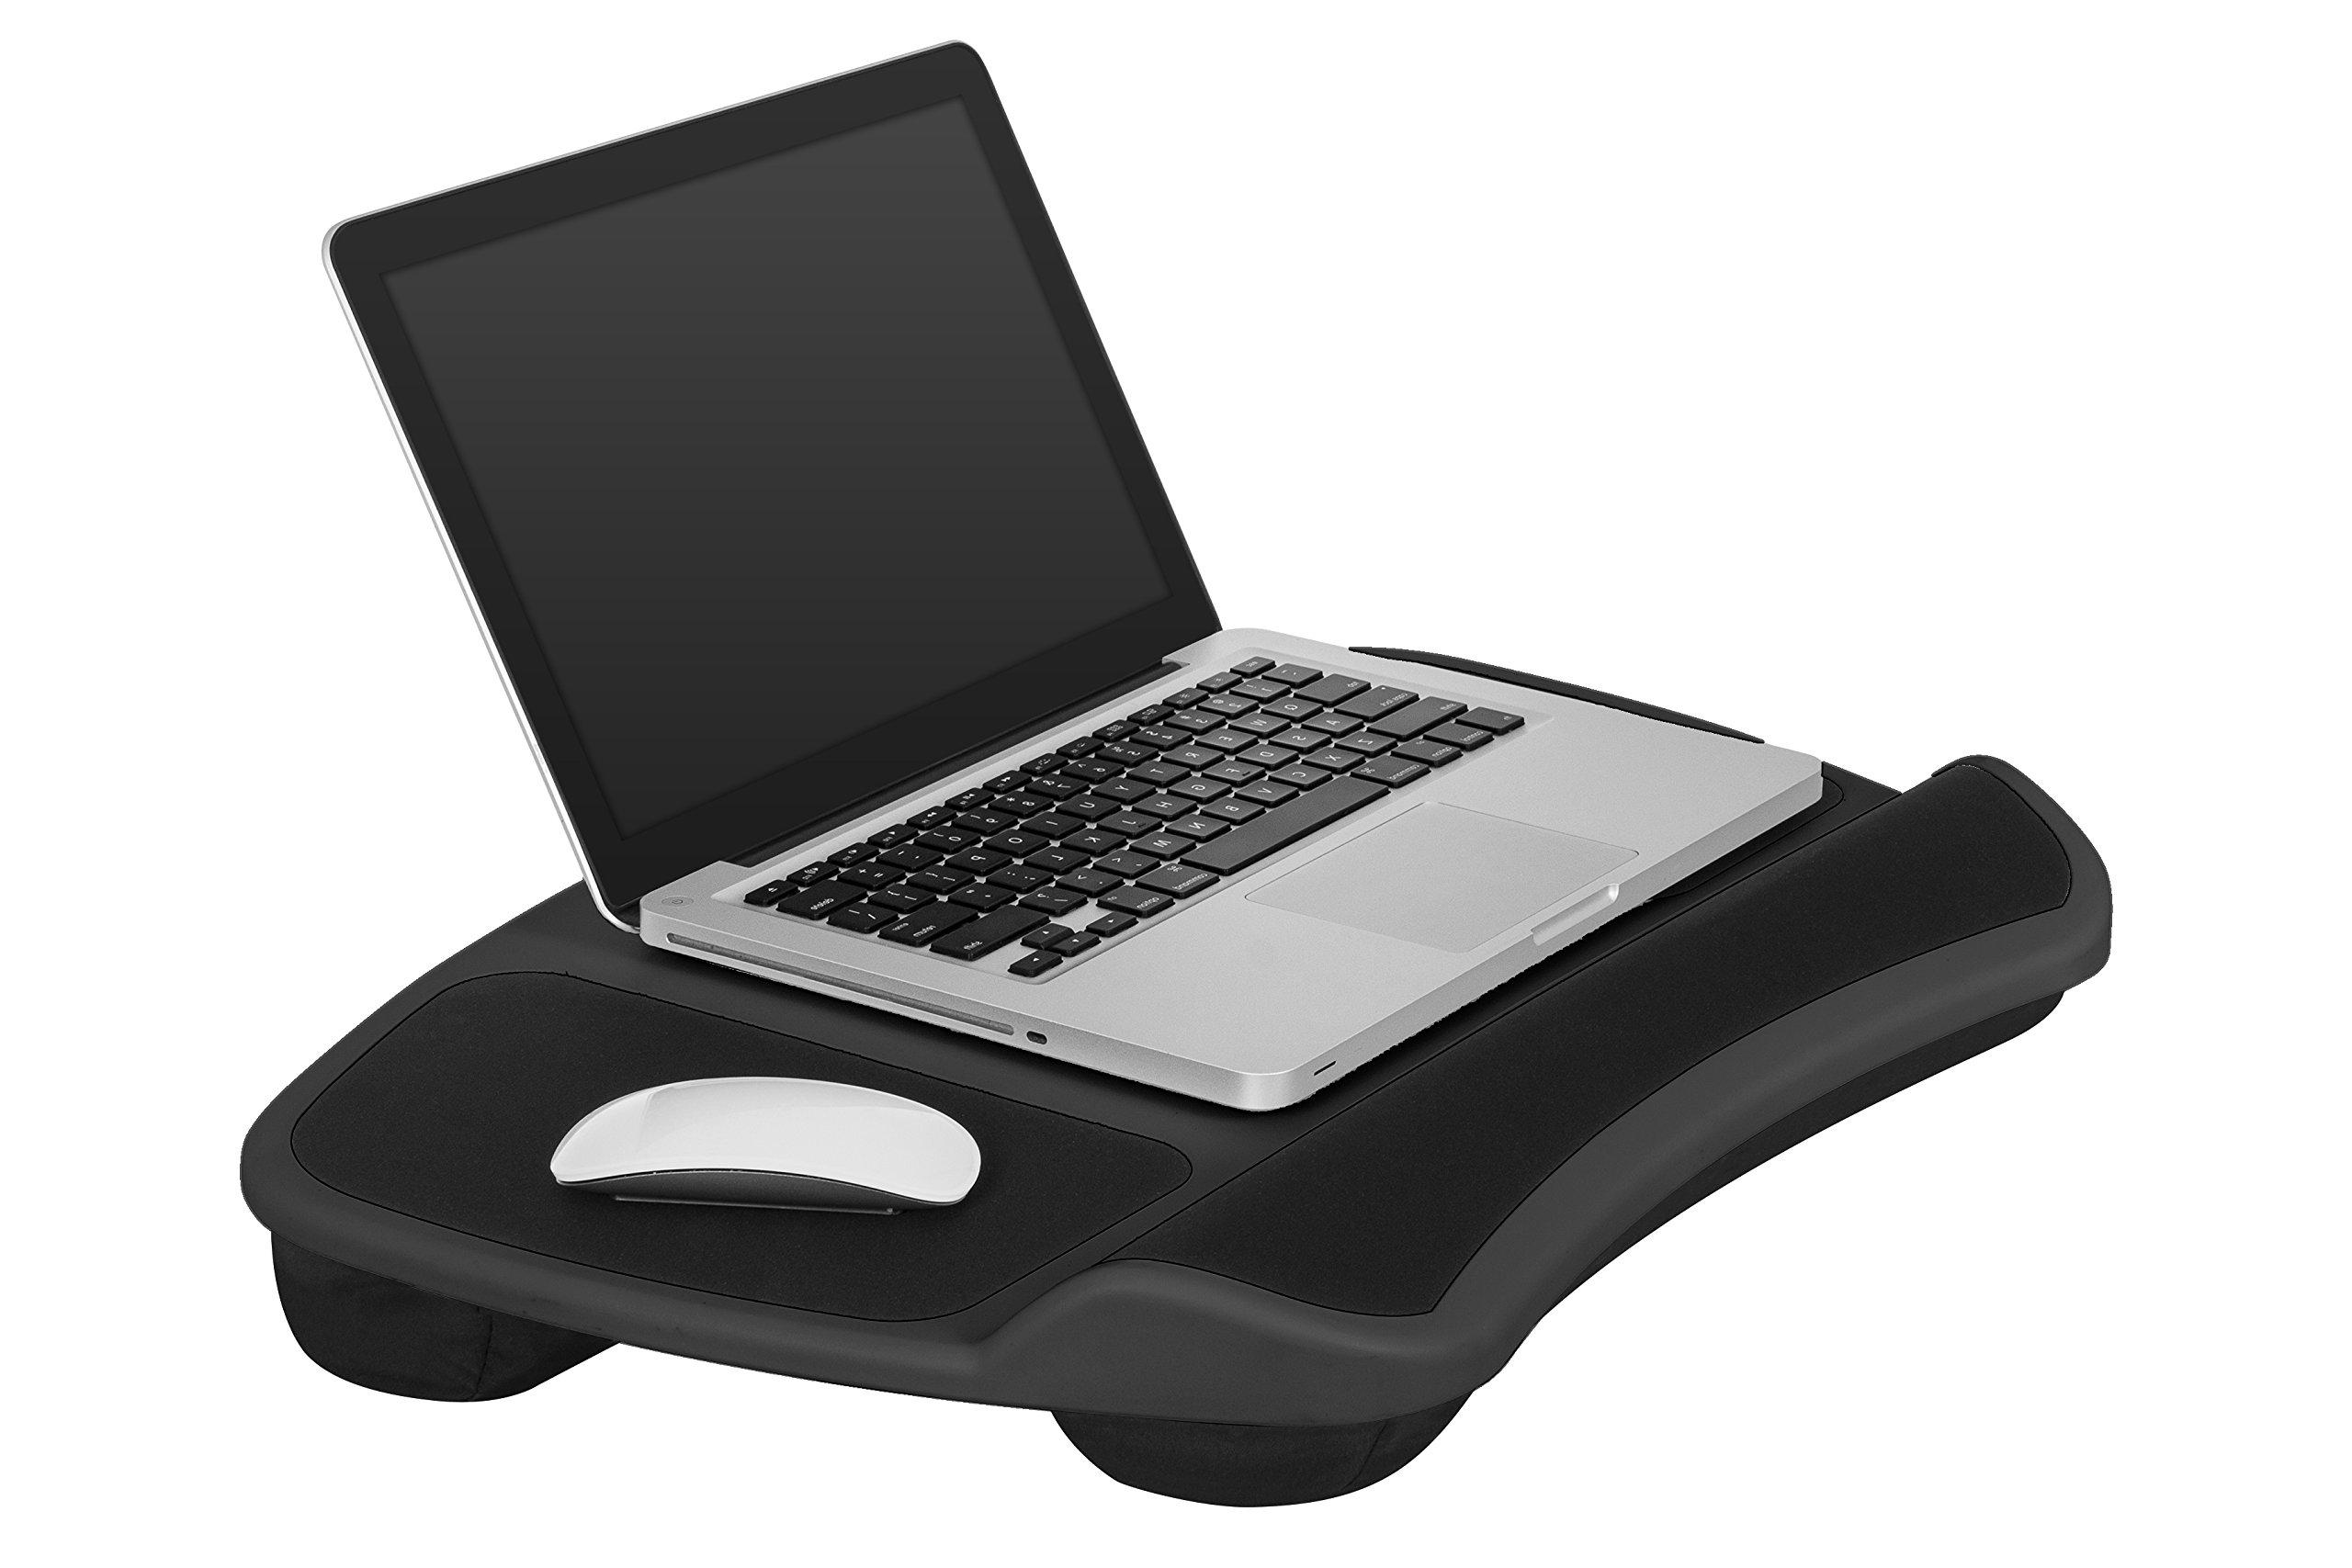 Galleon Lapgear Xl Laptop Lap Desk Black Fits Up To